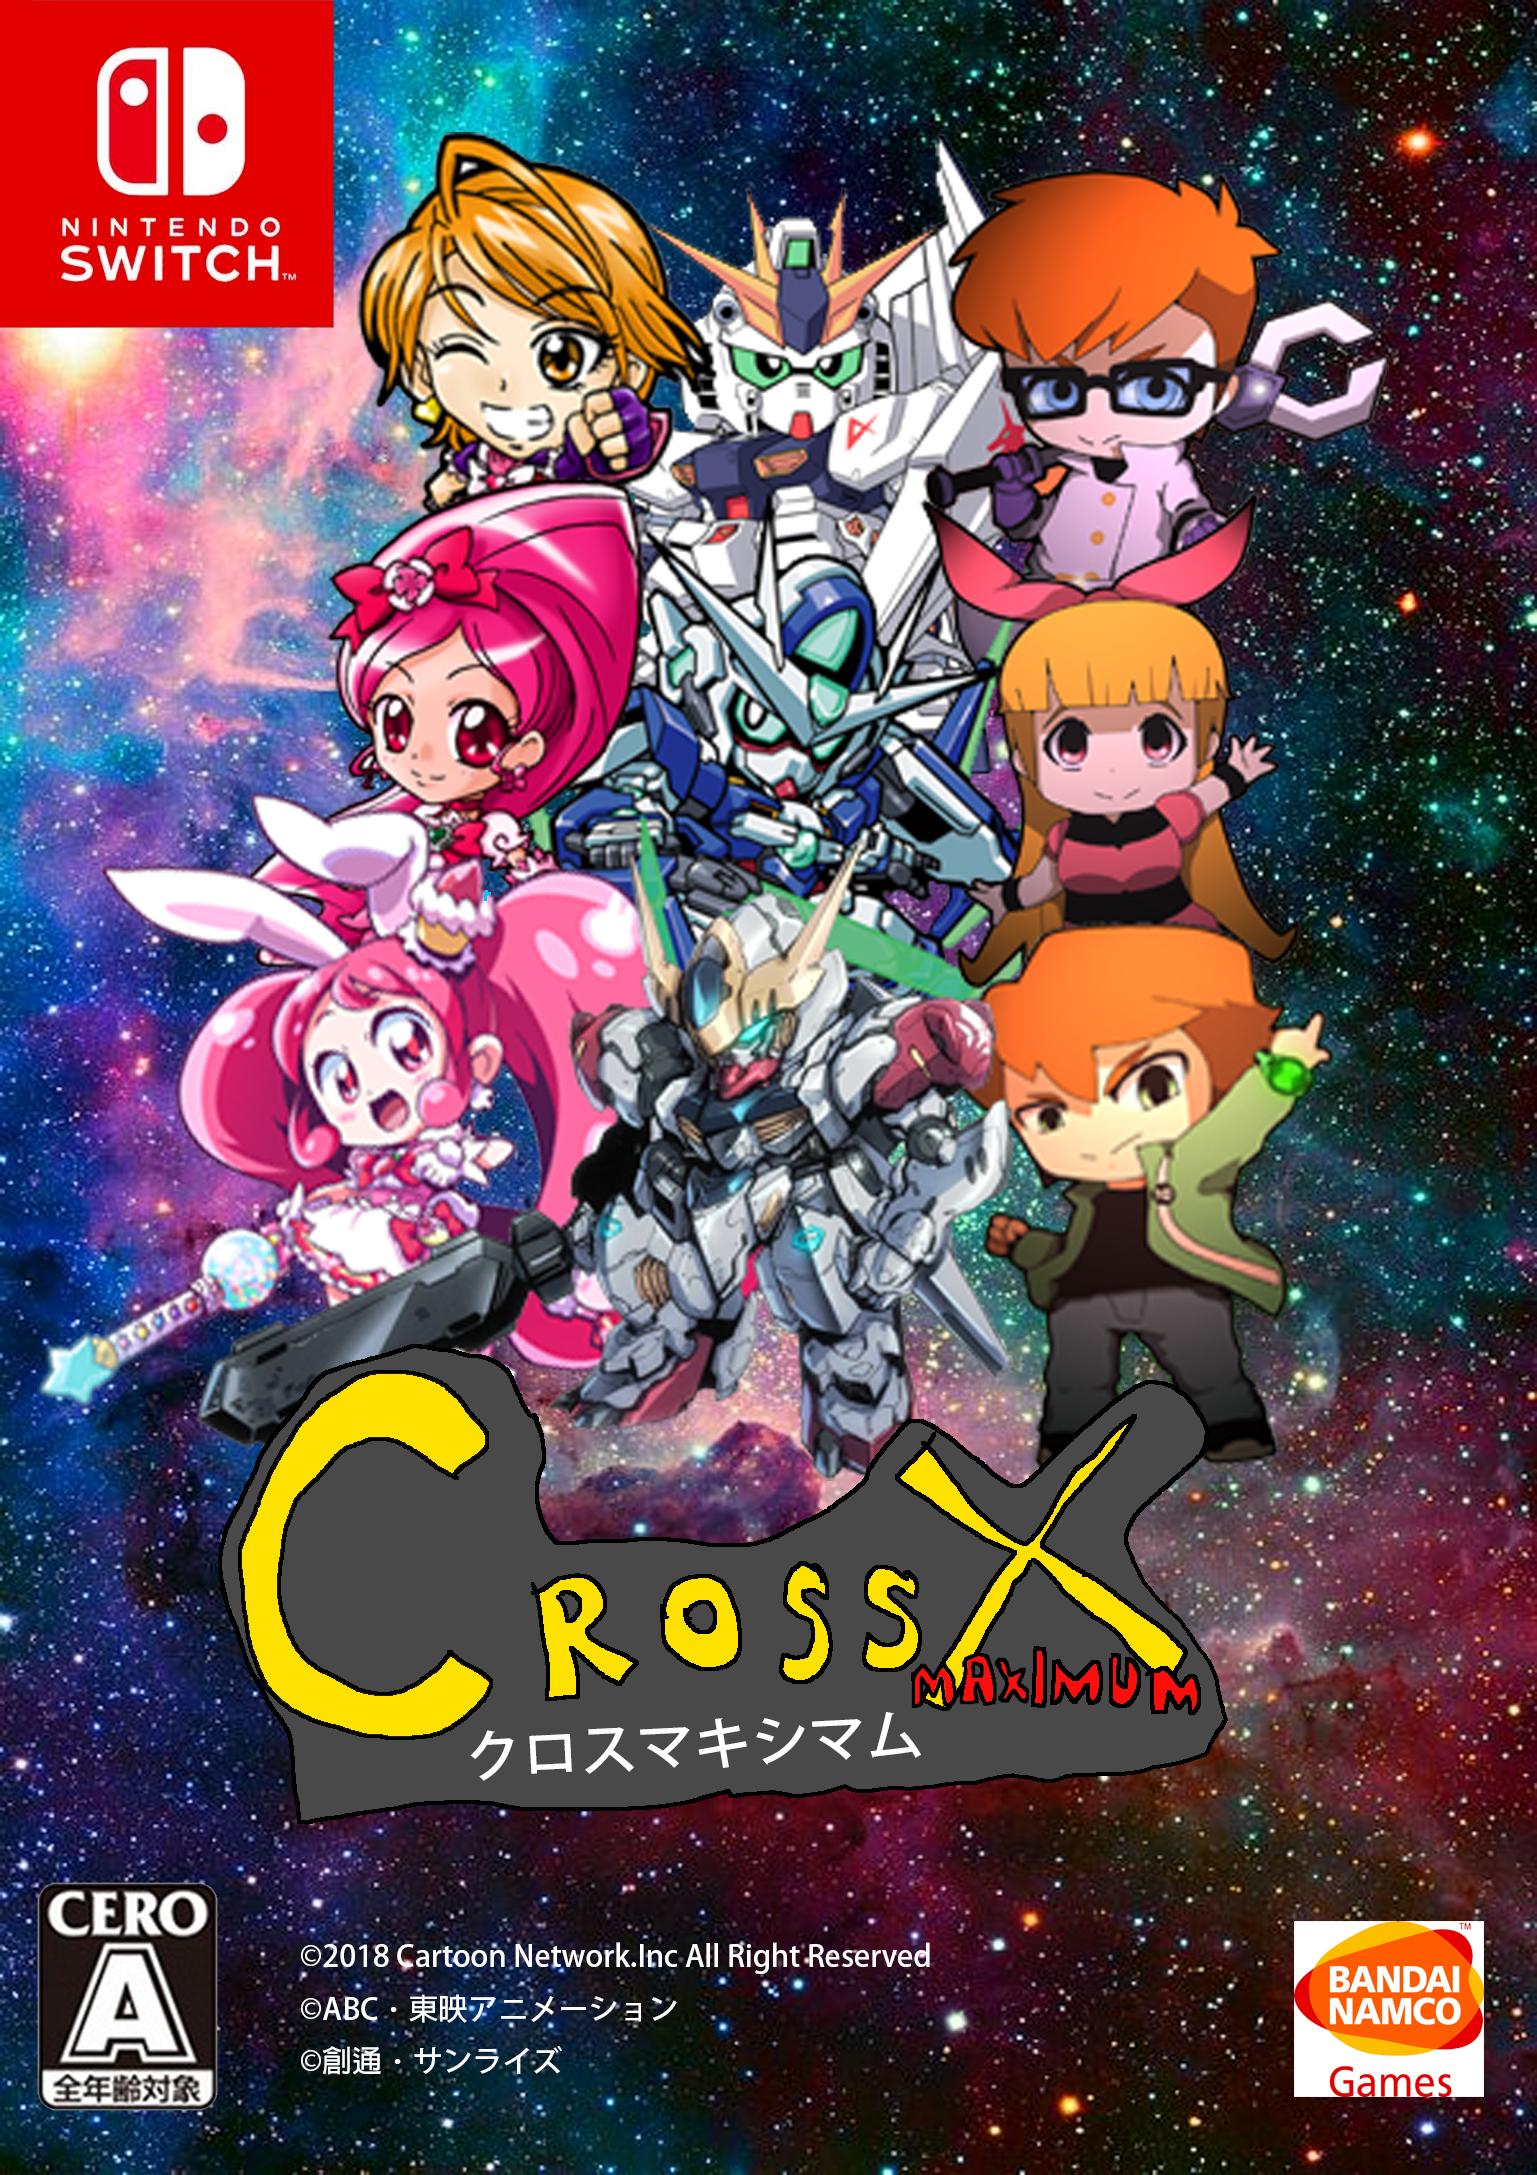 Cross Maximum